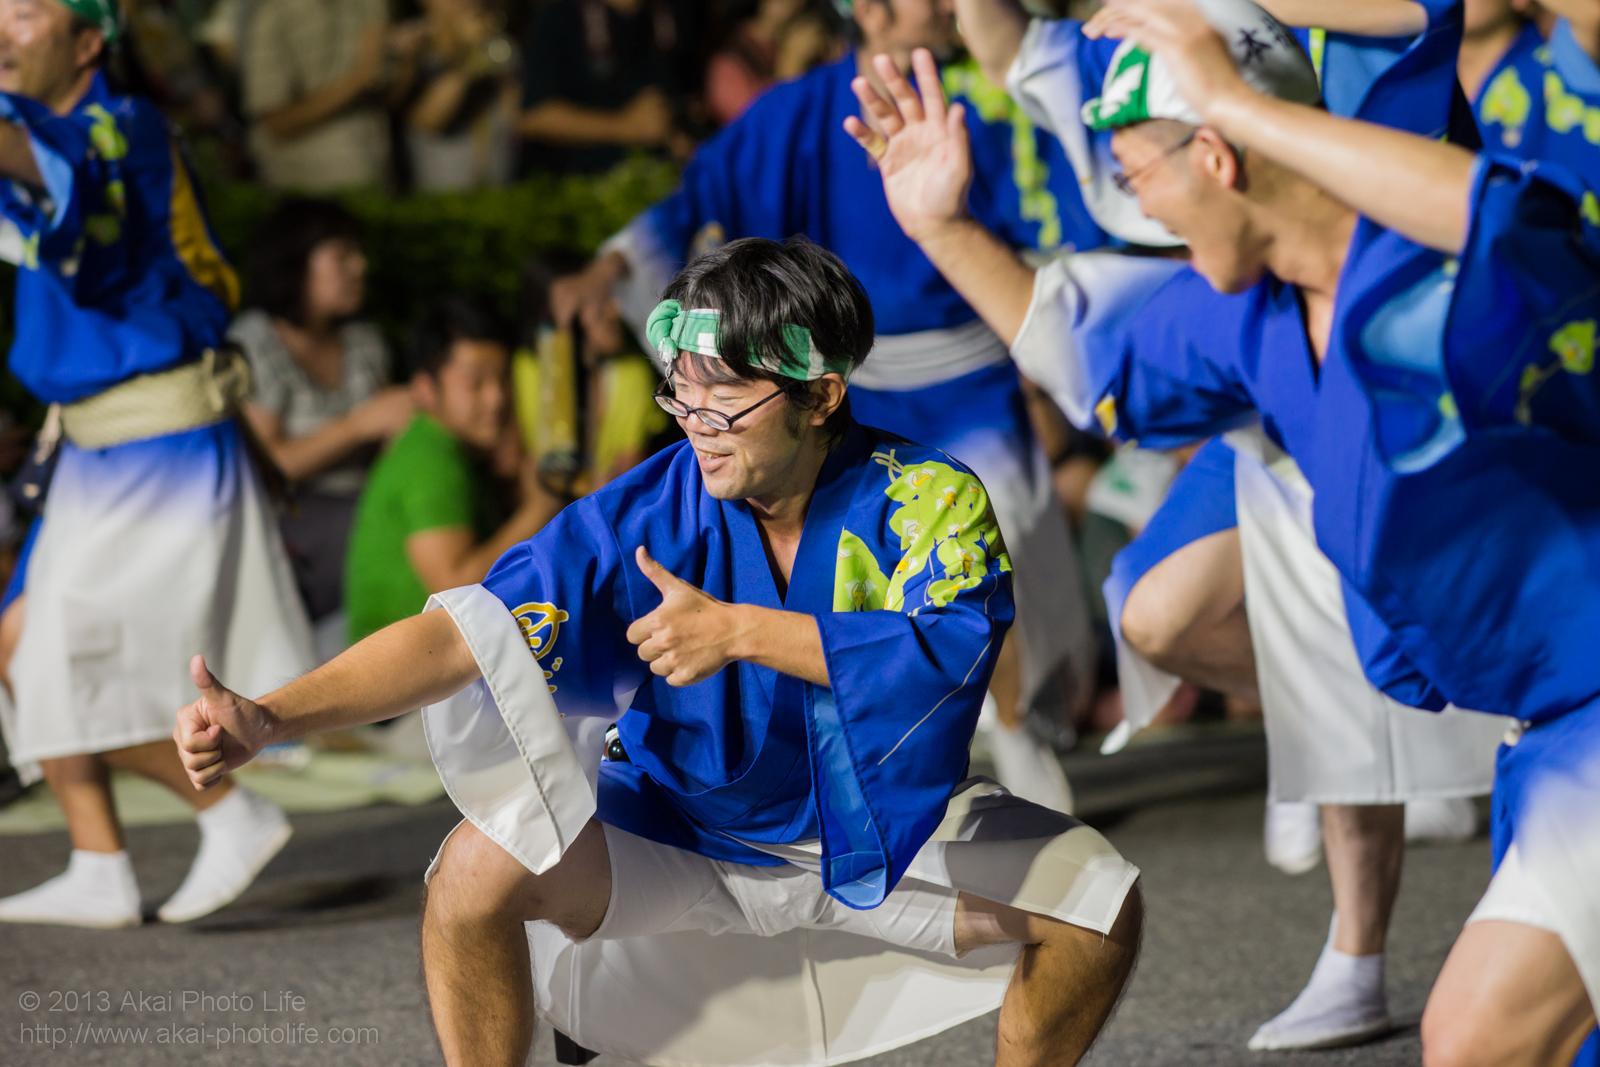 高円寺阿波踊り 指圧連の男踊り